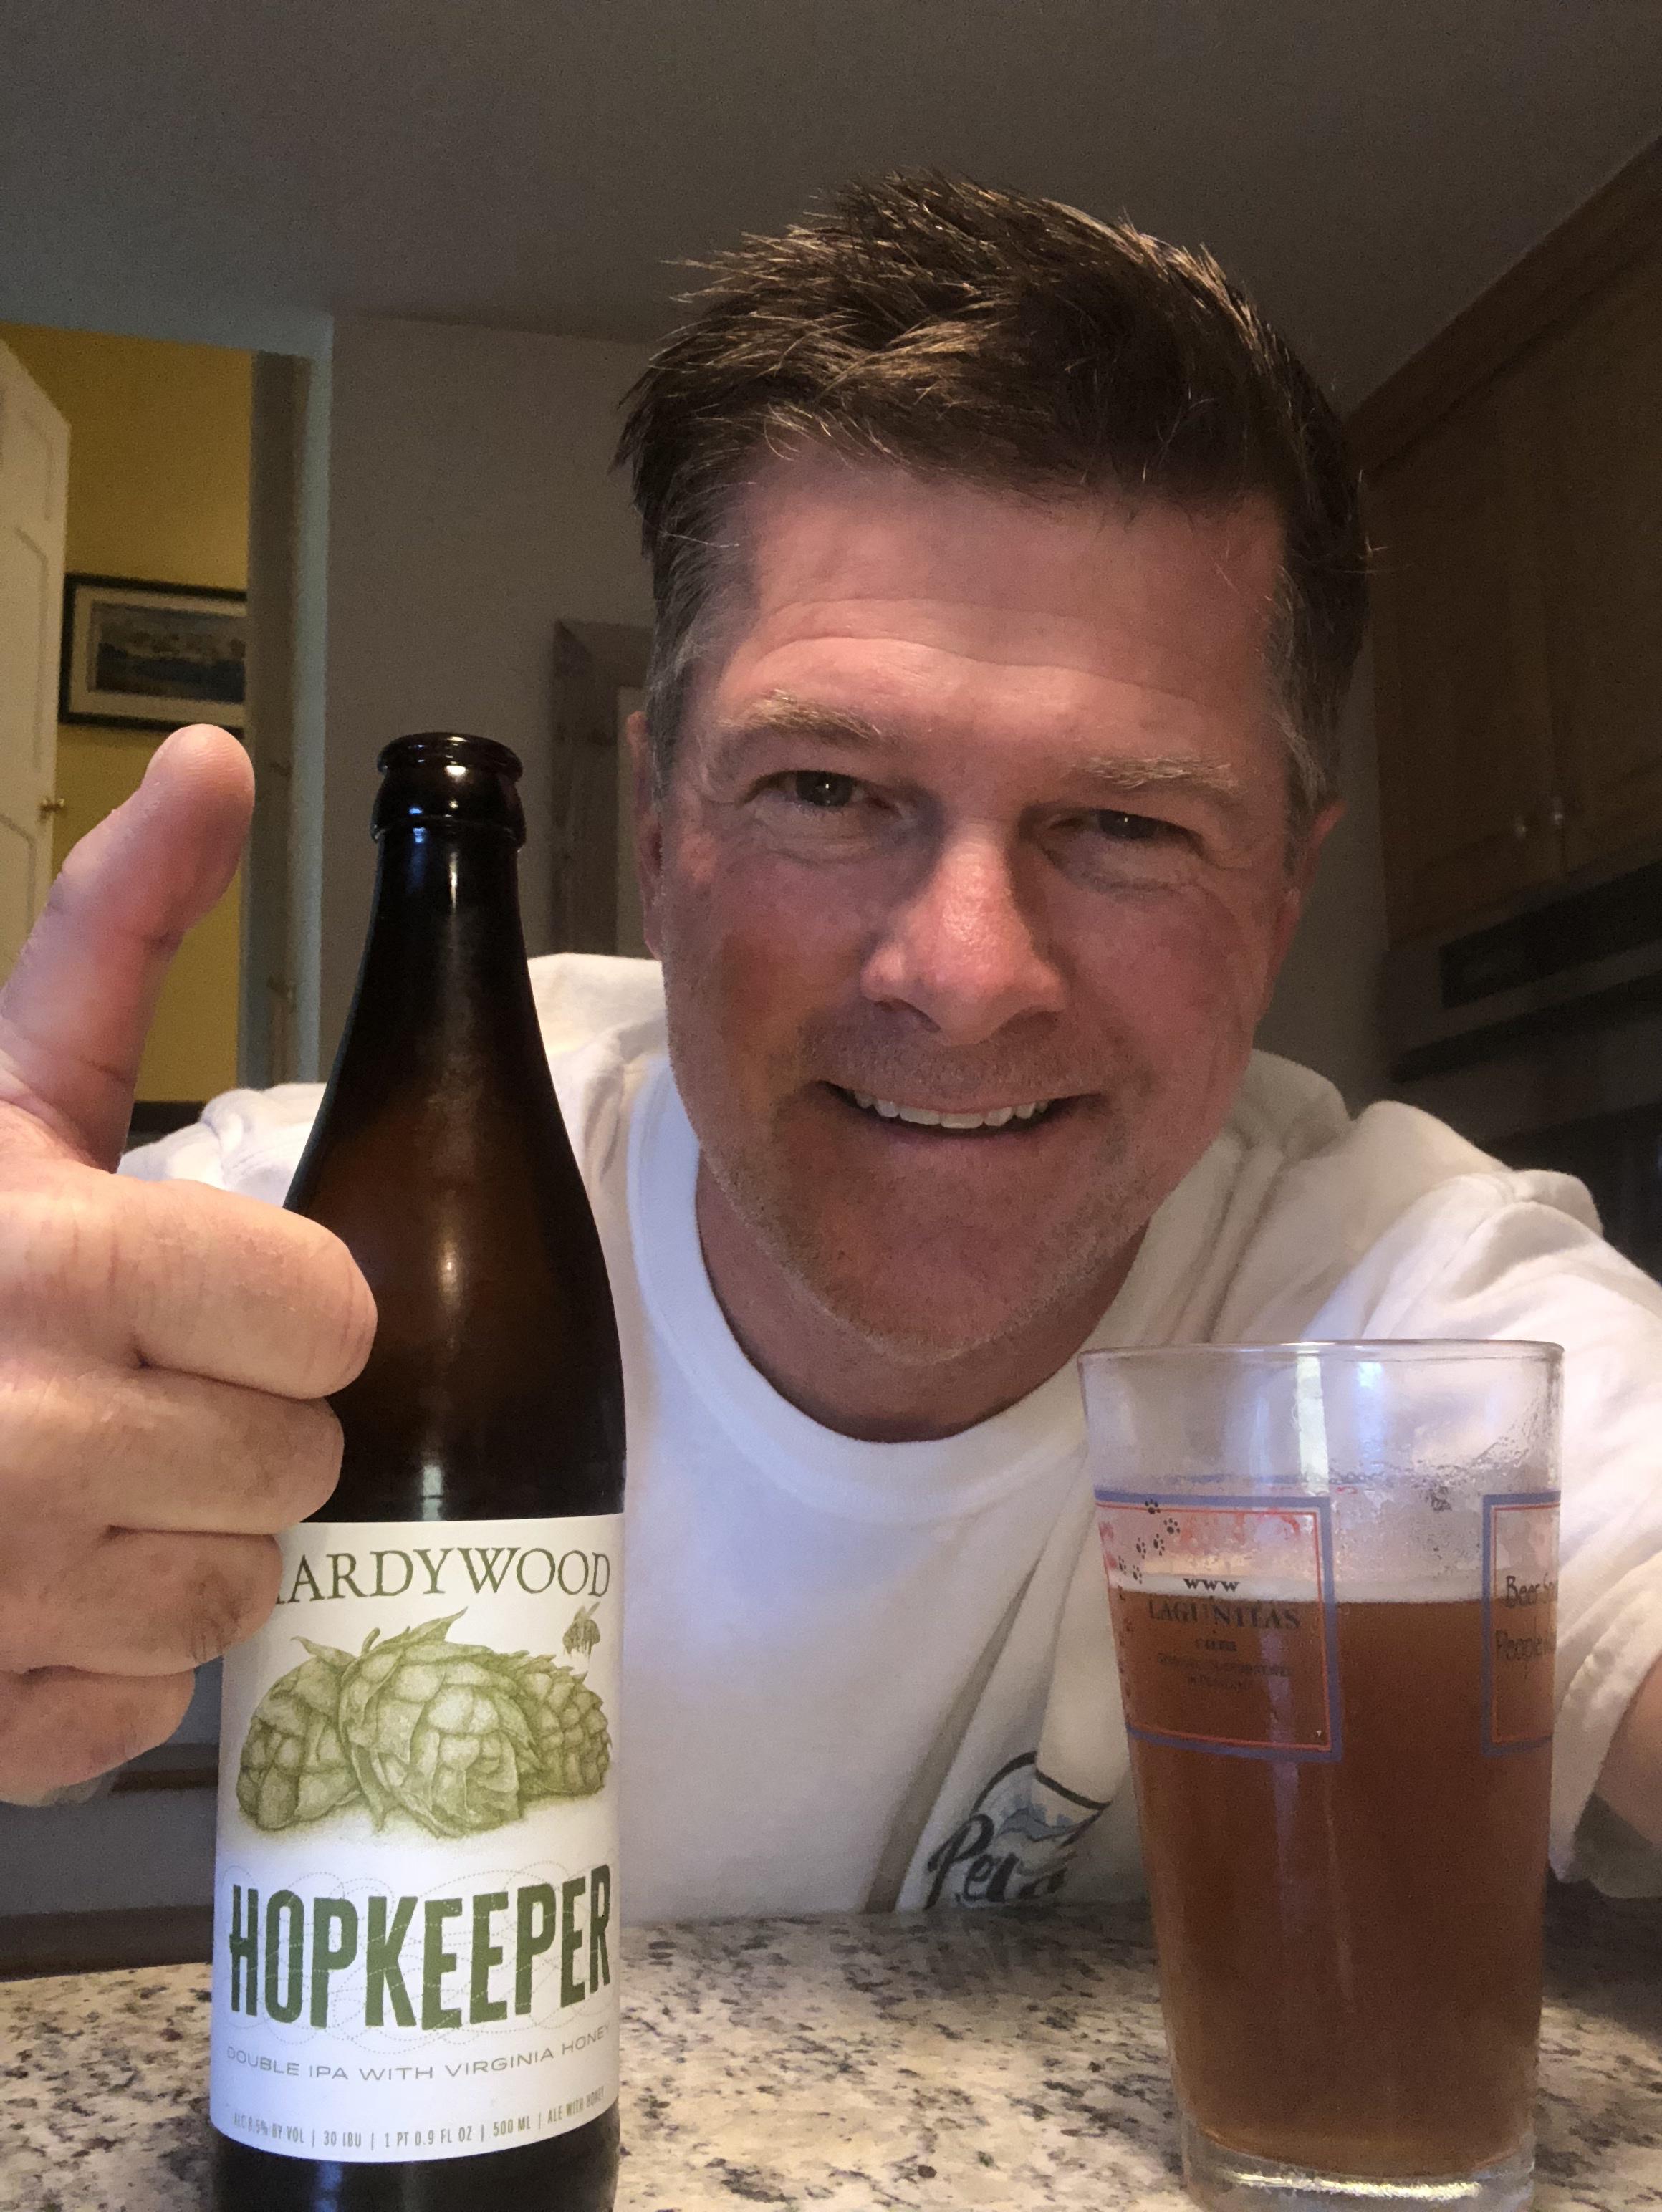 Marty_hardywood_beer_spiritedtable_photo3.jpg